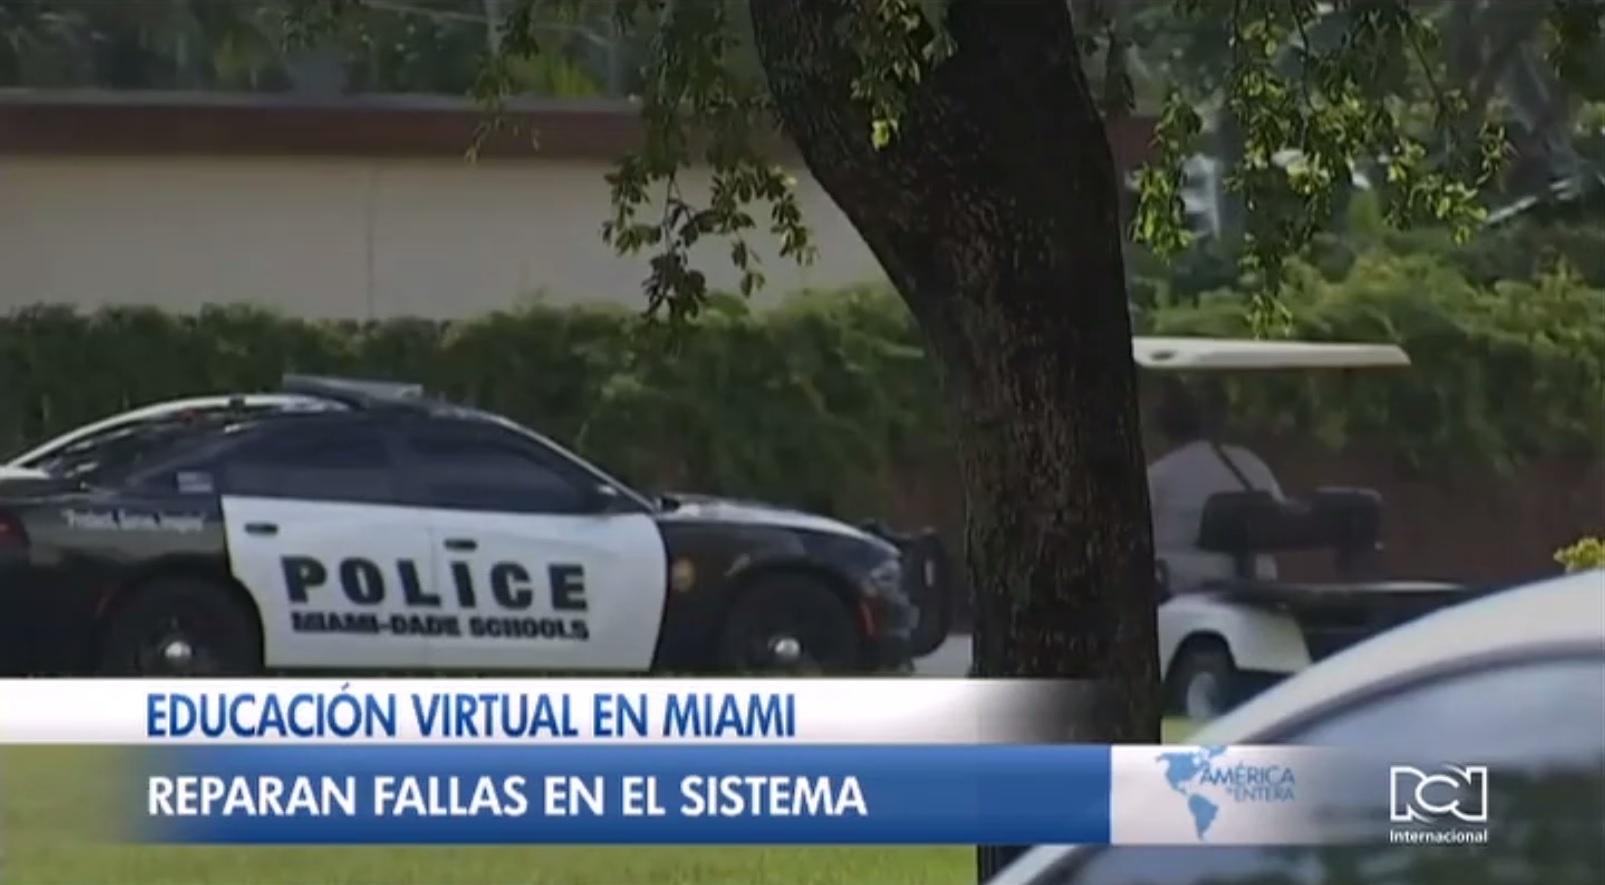 Ciberataque al sistema escolar público de Miami